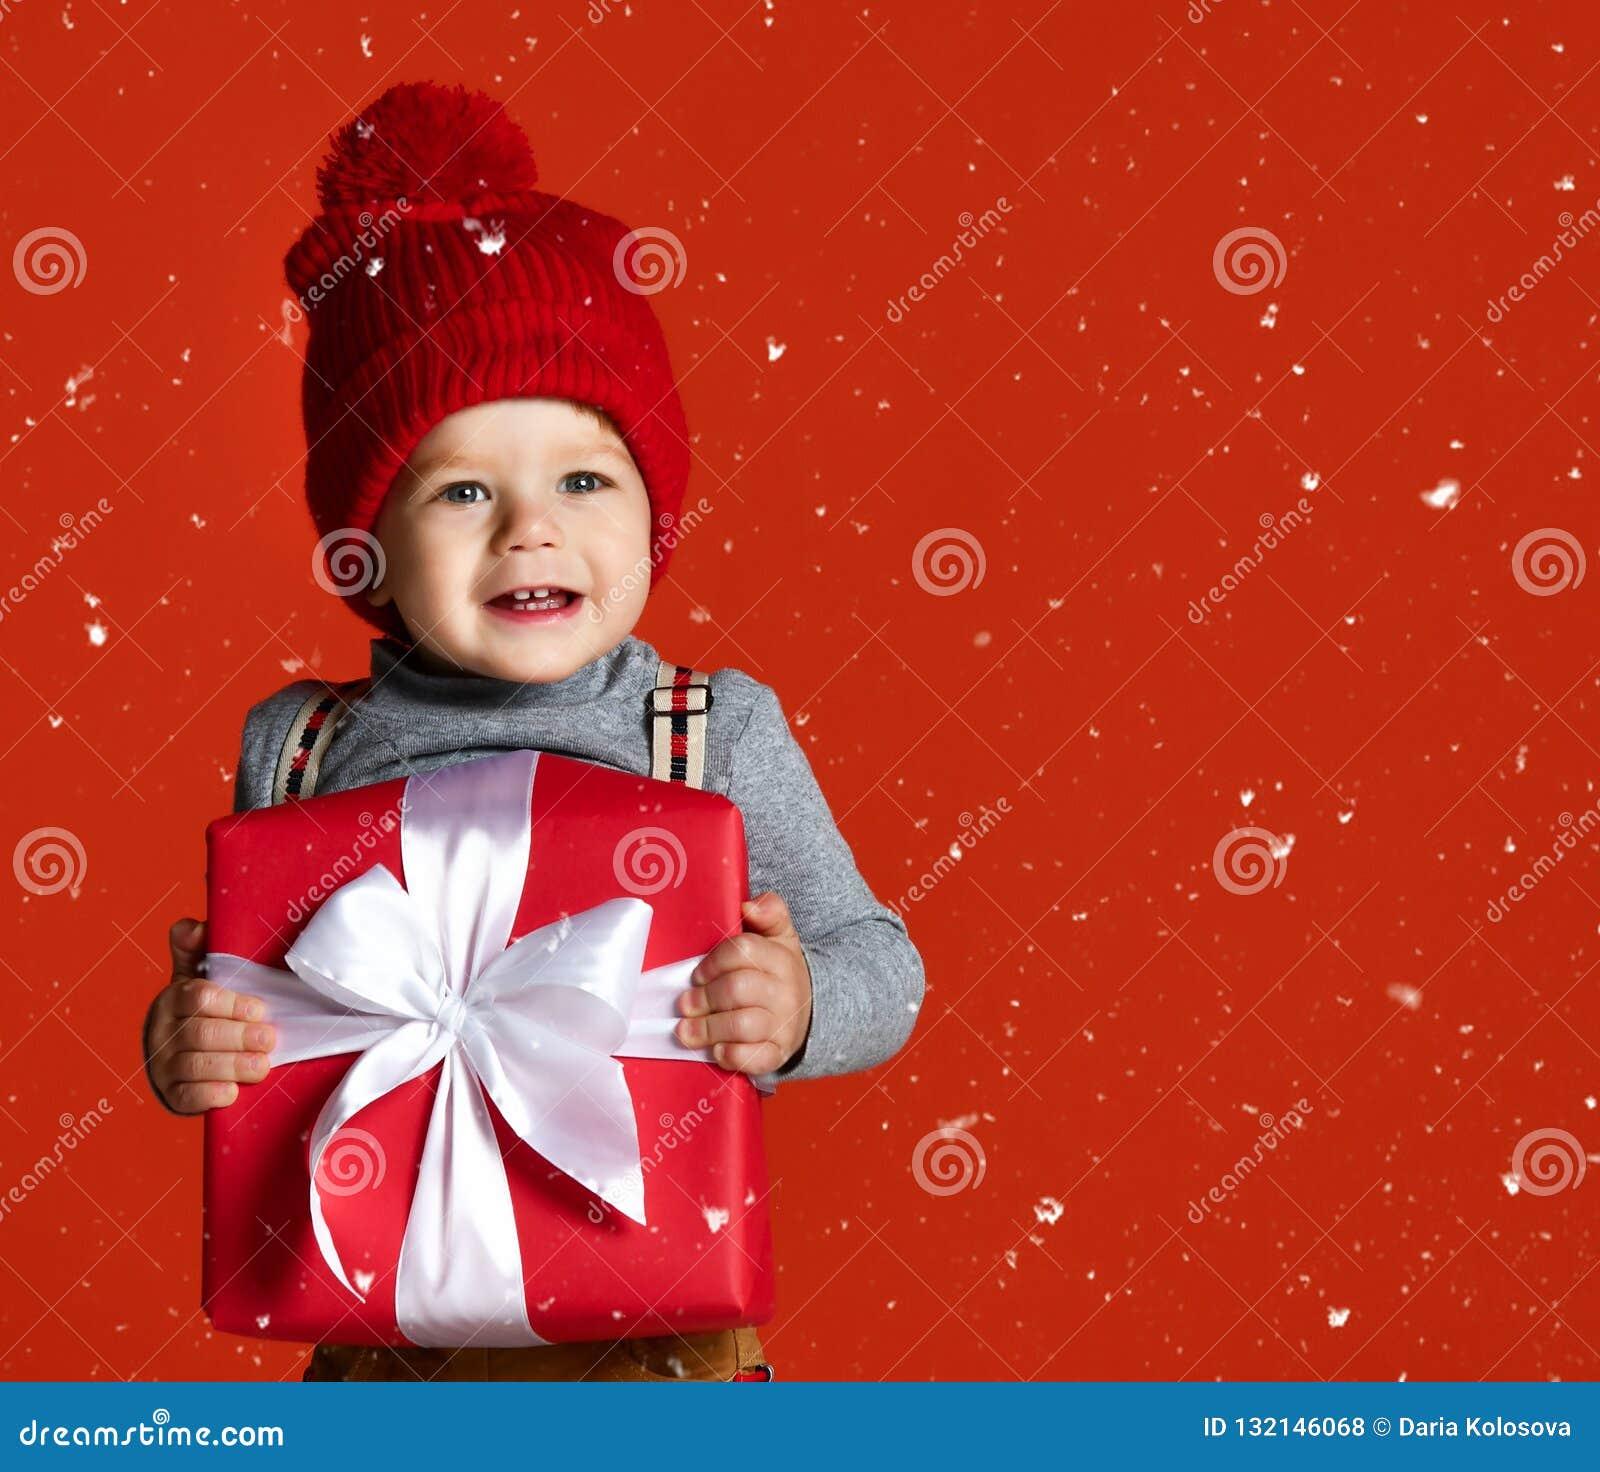 Ritratto di un ragazzino in un cappello rosso con un fiocchetto tenuta del contenitore di regalo grande con un arco bianco